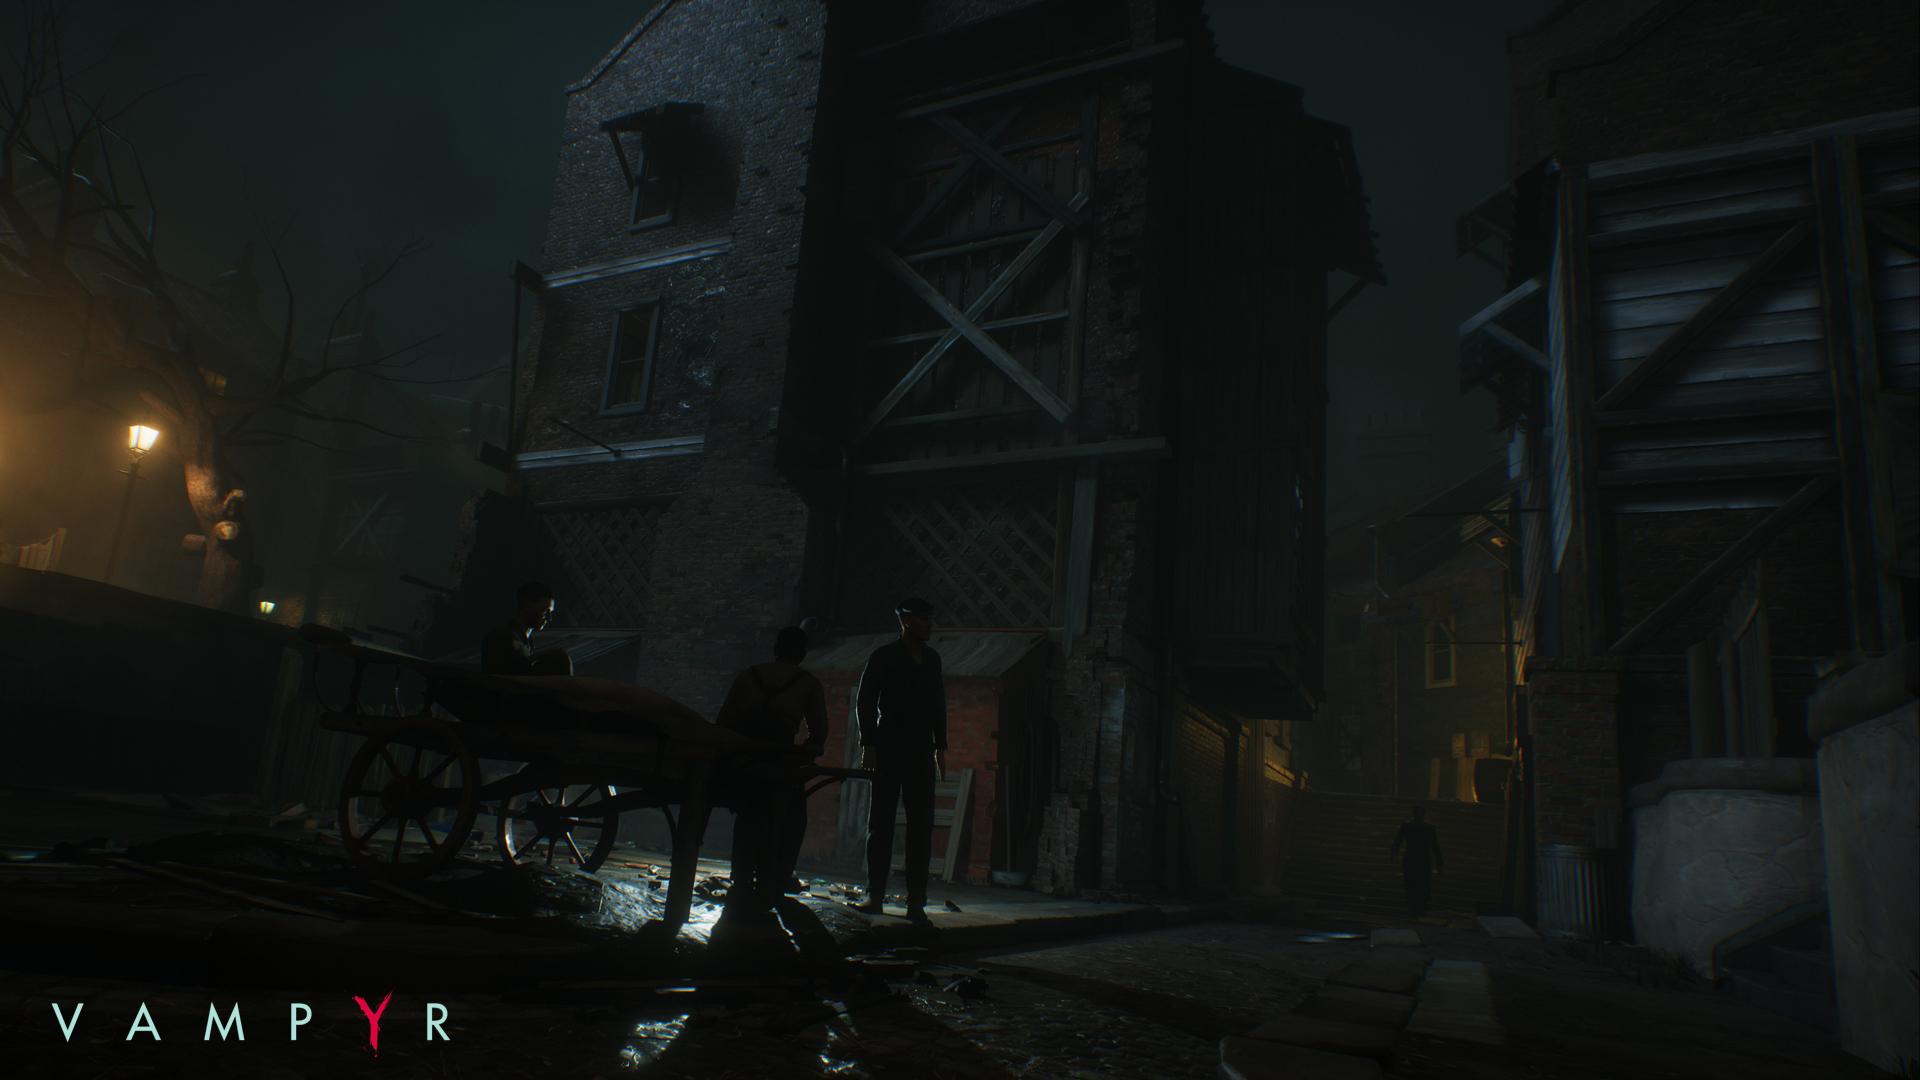 Take a peek at 'Life is Strange' studio's next game, 'Vampyr'